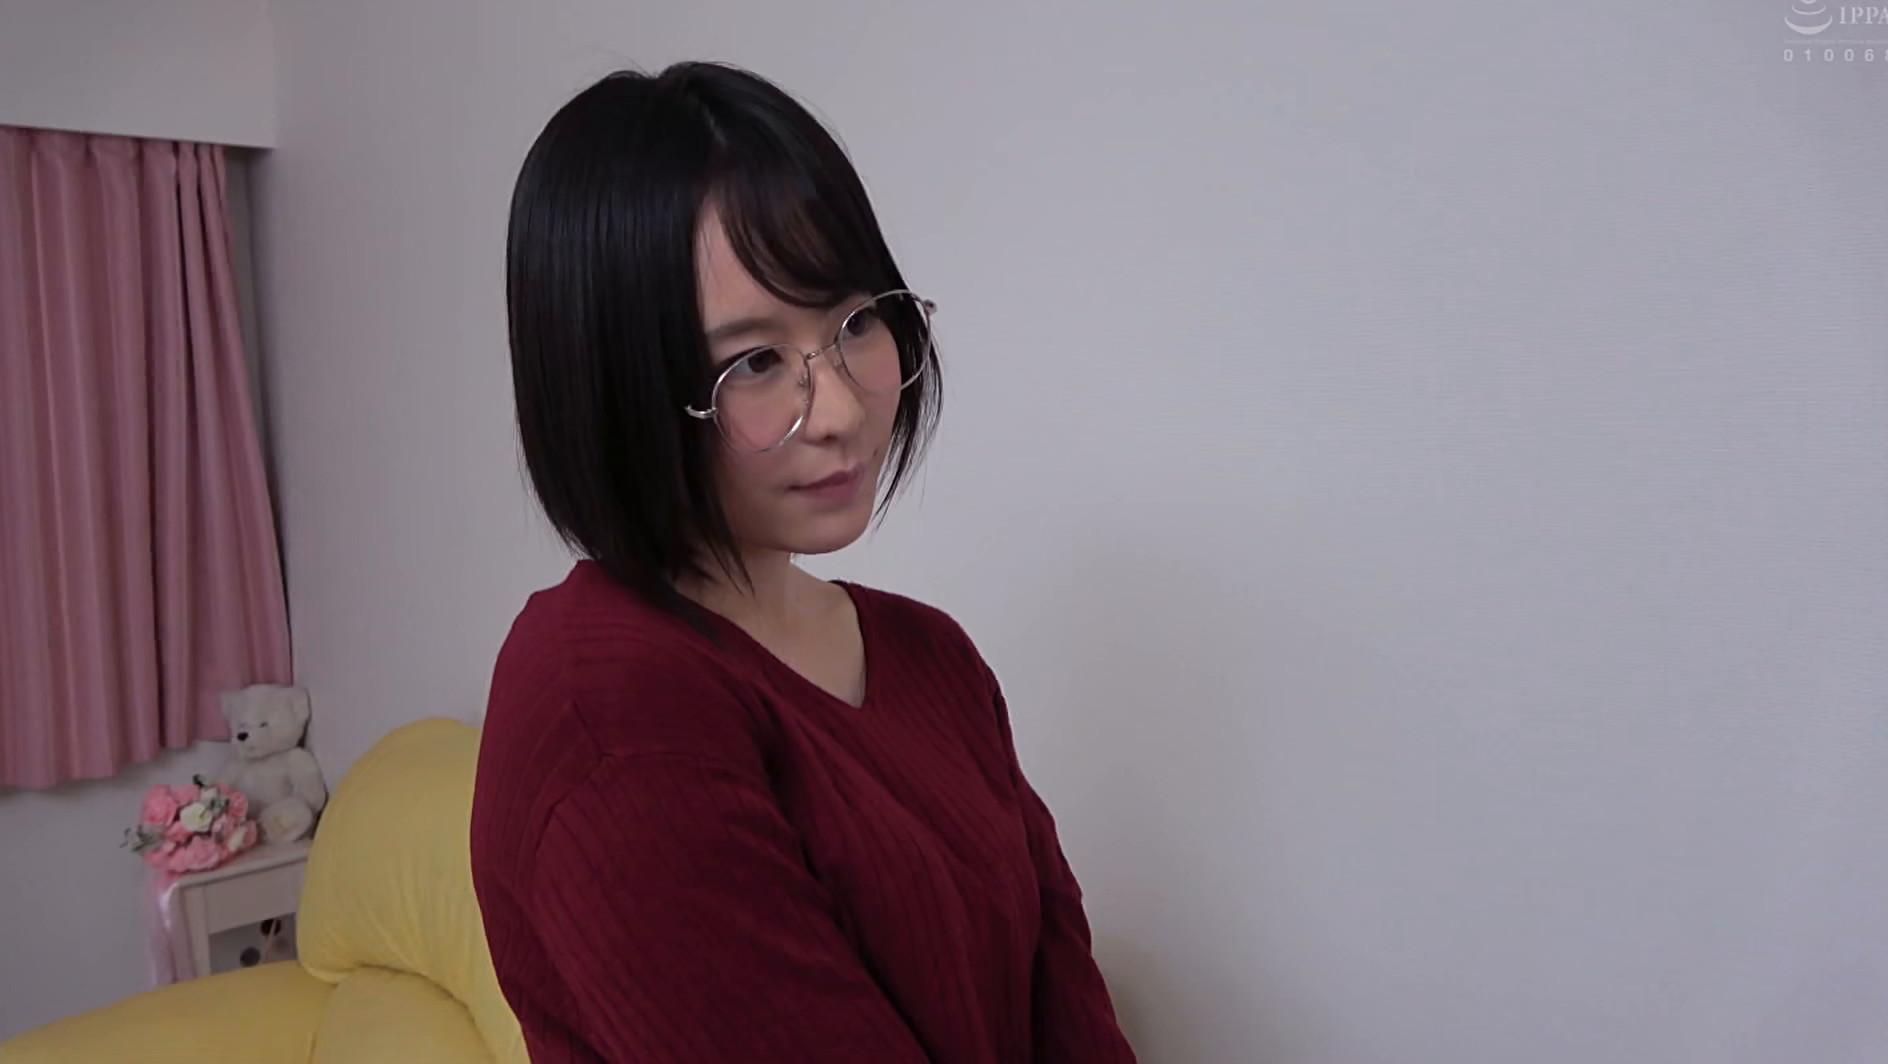 同人漫画家の卵×アニメ声×メガネ×巨乳な妹が俺にエロ描写の相談にきたのだが・・・ 牧村柚希 画像1